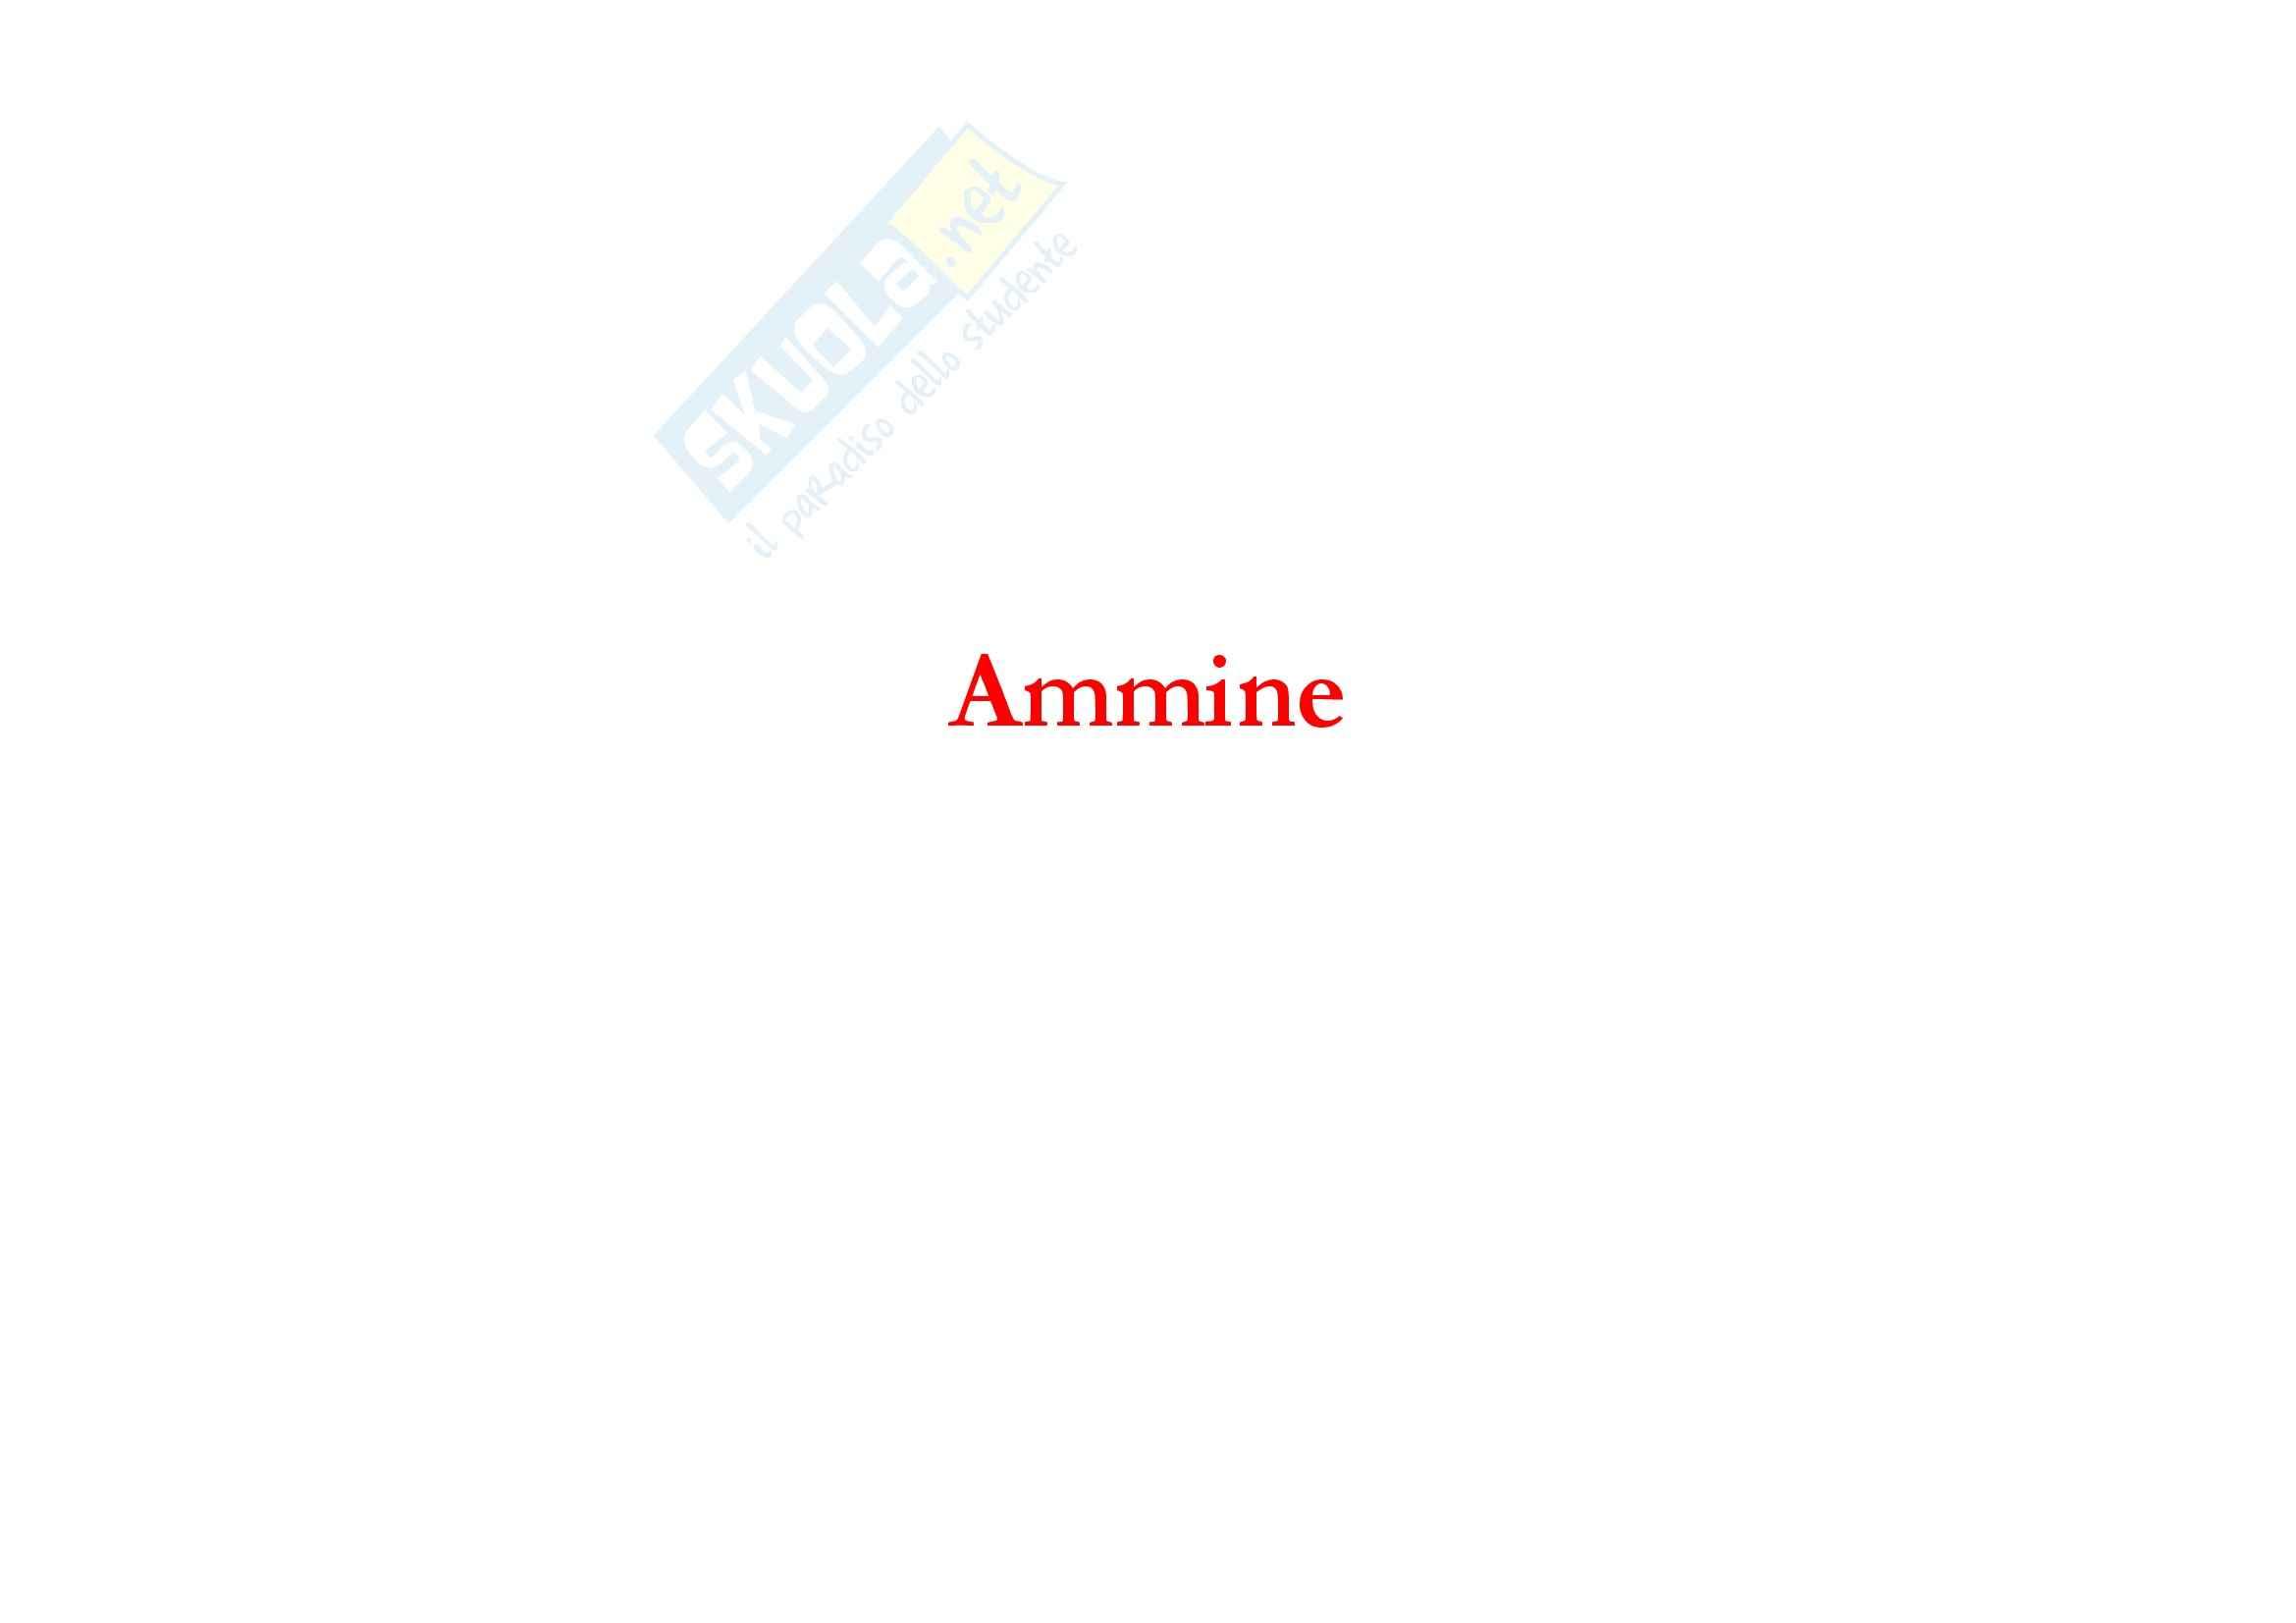 Chimica organica - reattività delle ammine